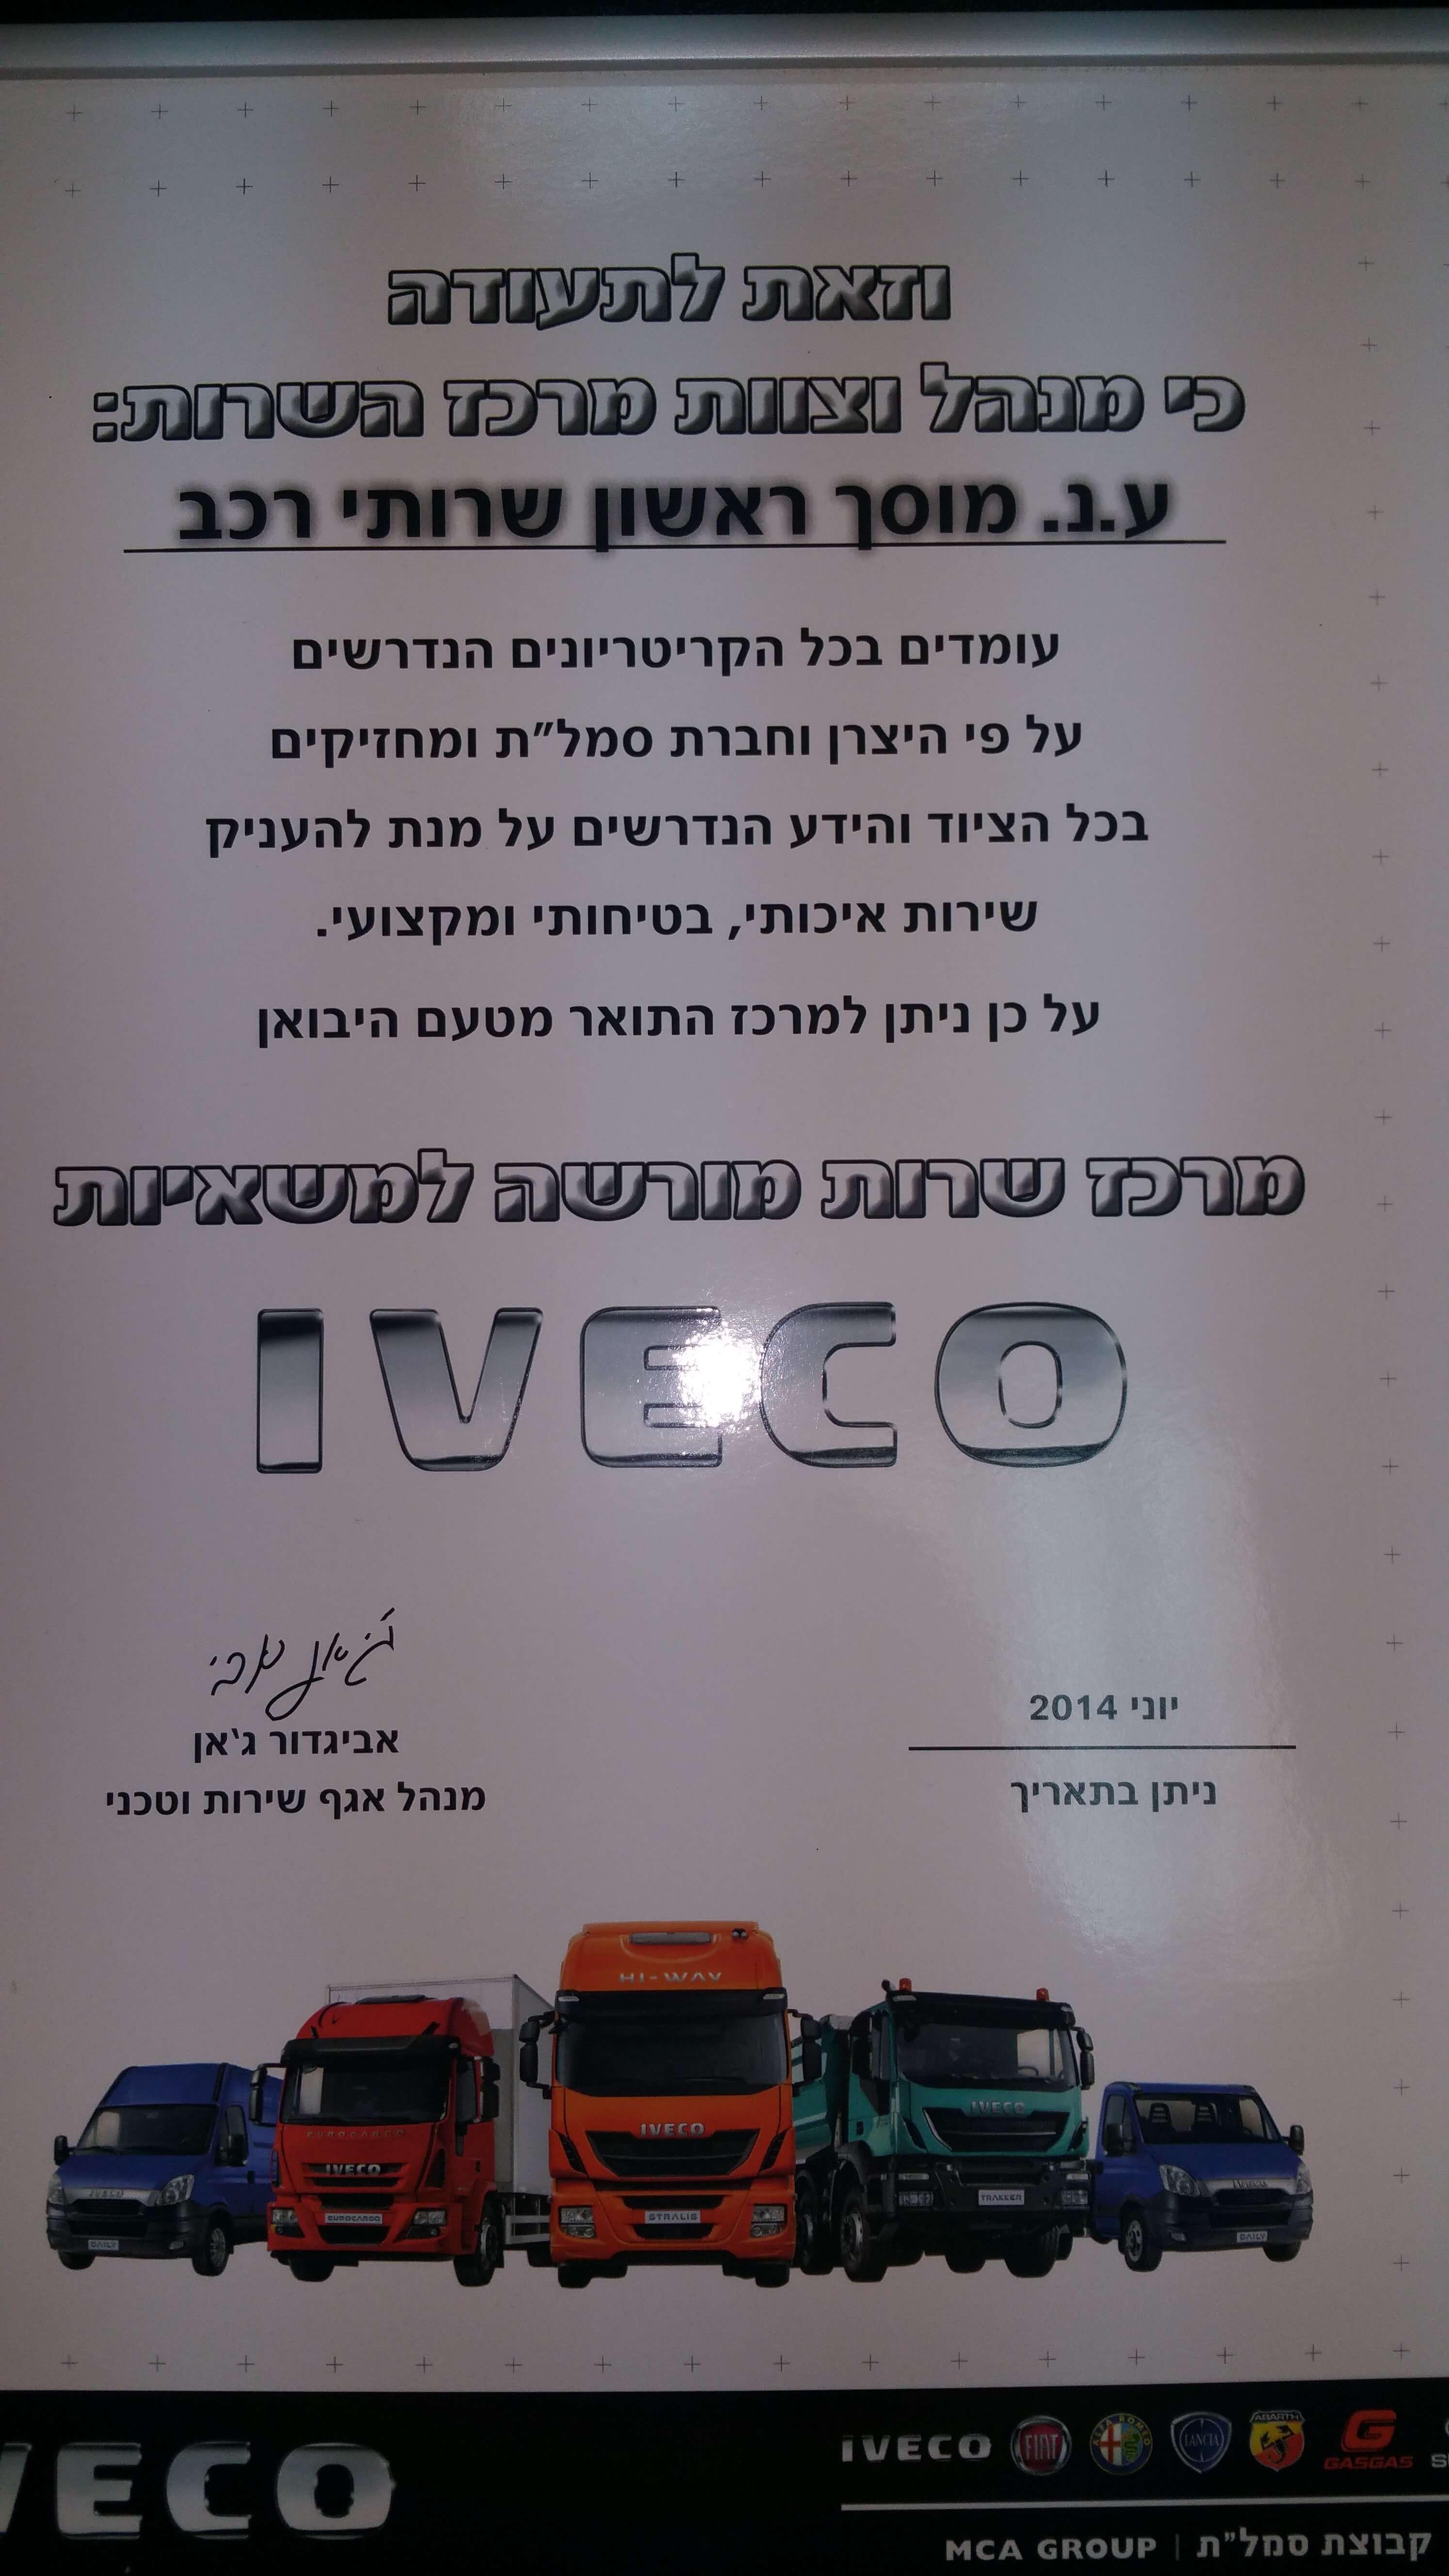 תעודת מוסך מורשה למשאיות IVECO